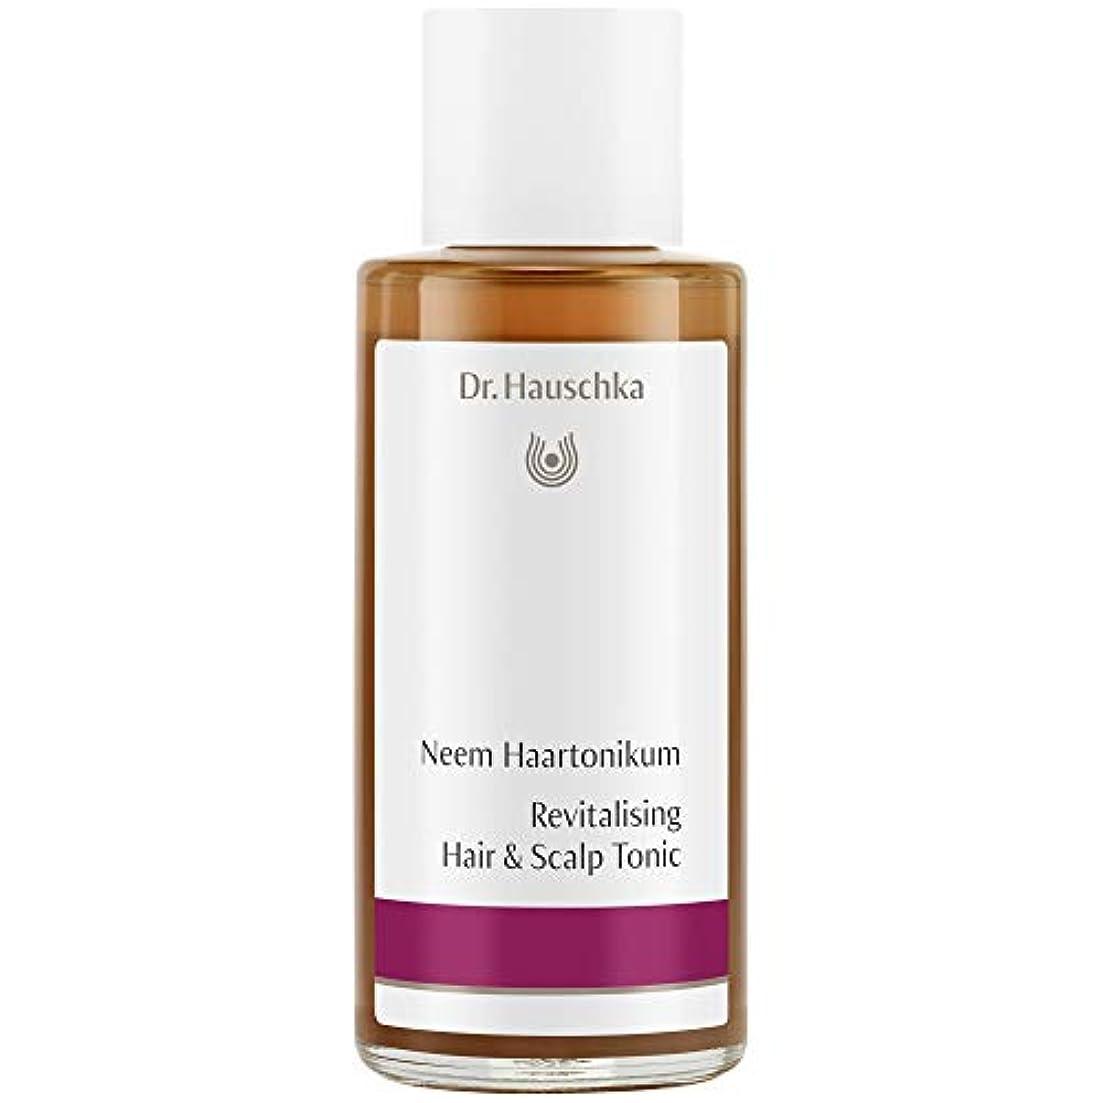 位置づける球状形状[Dr Hauschka] Drハウシュカニームヘアローション100ミリリットル - Dr Hauschka Neem Hair Lotion 100ml [並行輸入品]